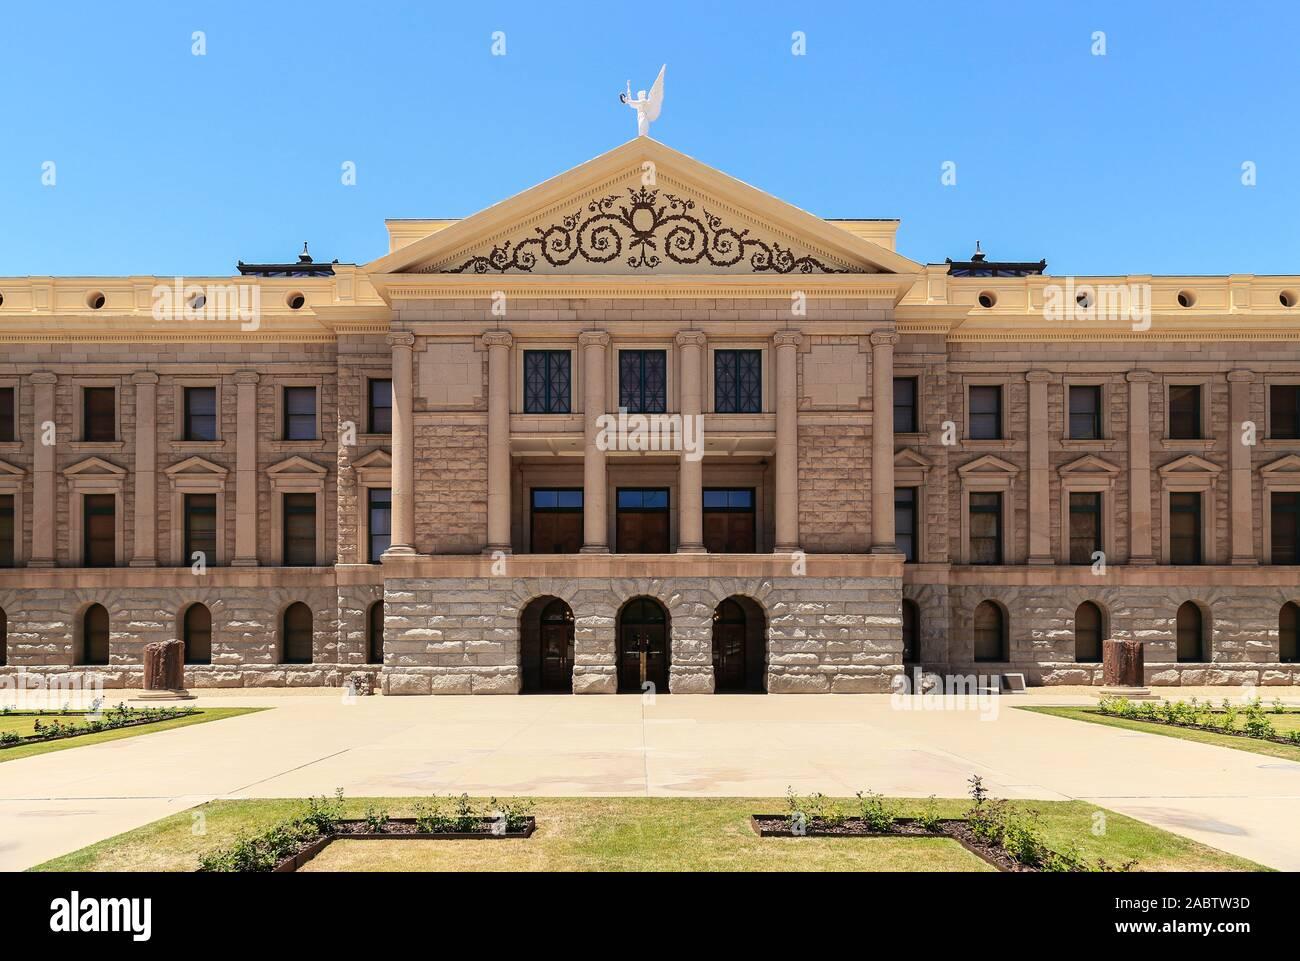 Phoenix, Arizona, USA - Le 25 mai 2019: l'avant de l'Arizona Capitol Museum au cours de la journée au soleil. Banque D'Images